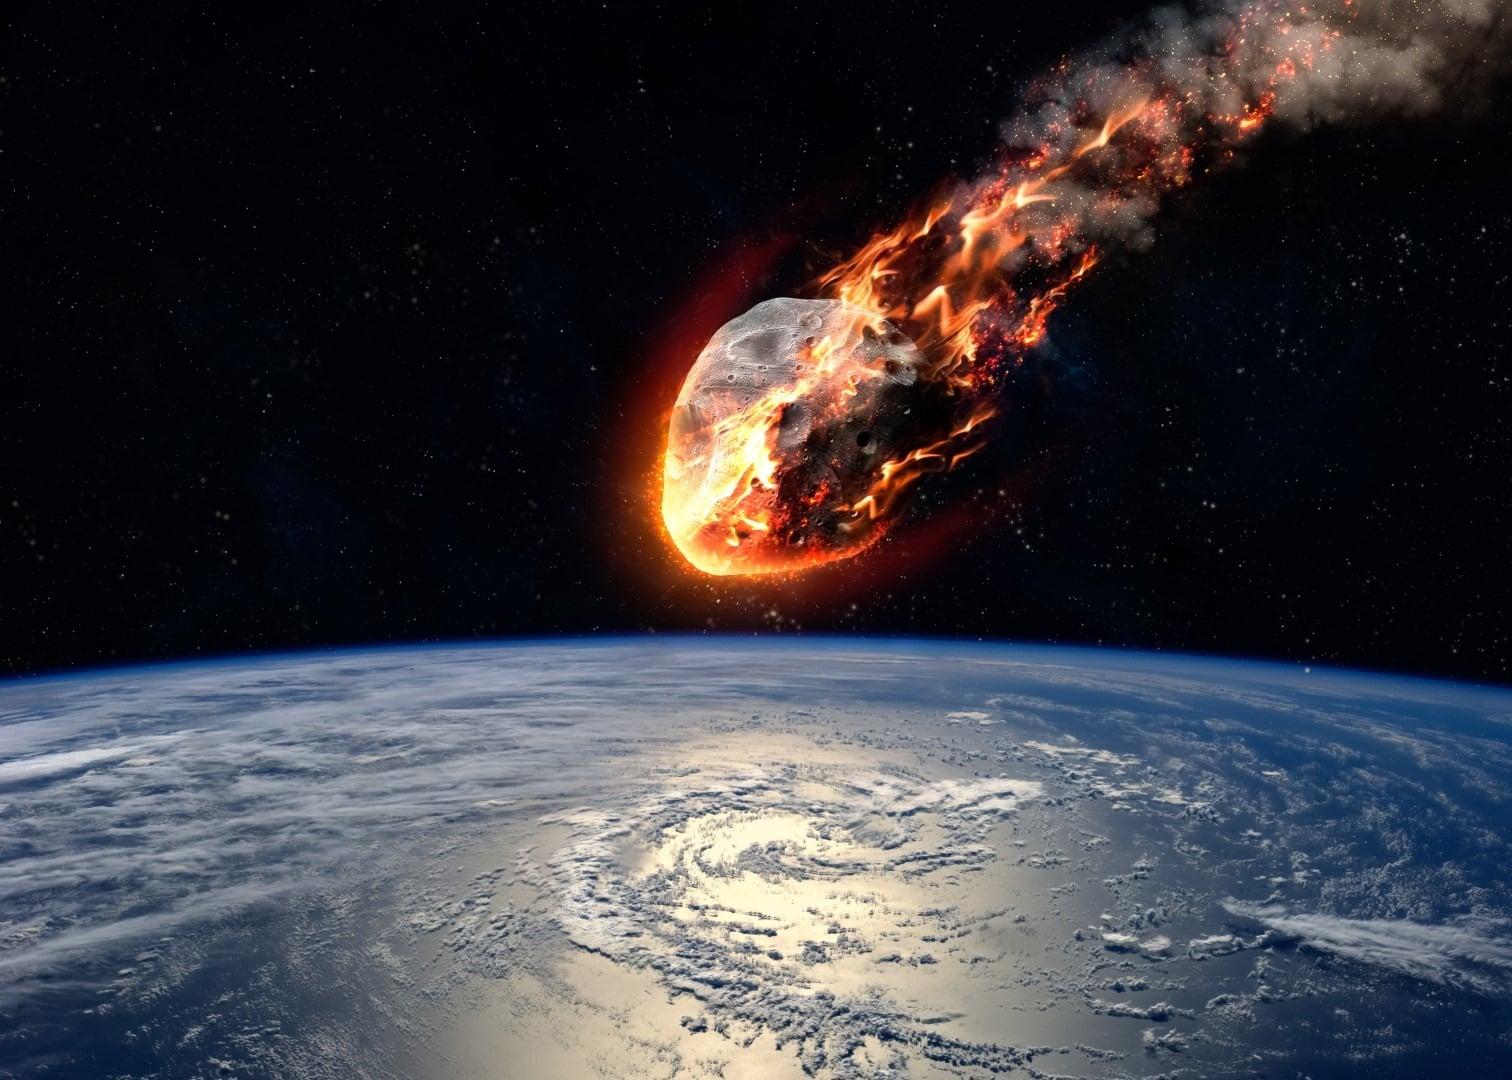 Астероид летит на землю: столкнется 3 октября 2019 или нет, последние новости